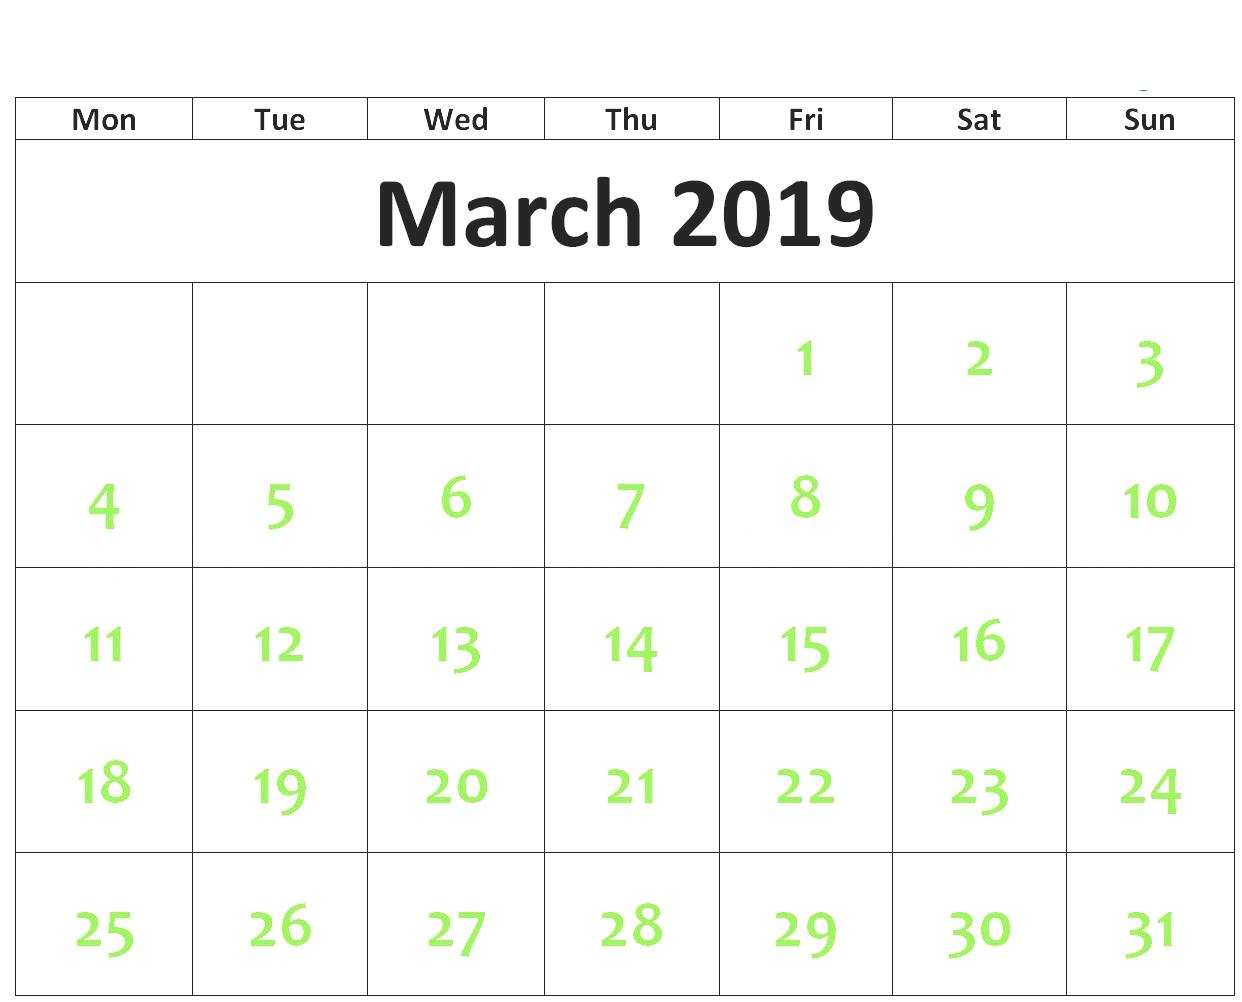 March Calendar For 2019 – 2018 Printable Calendar Store March 4 2019 Calendar